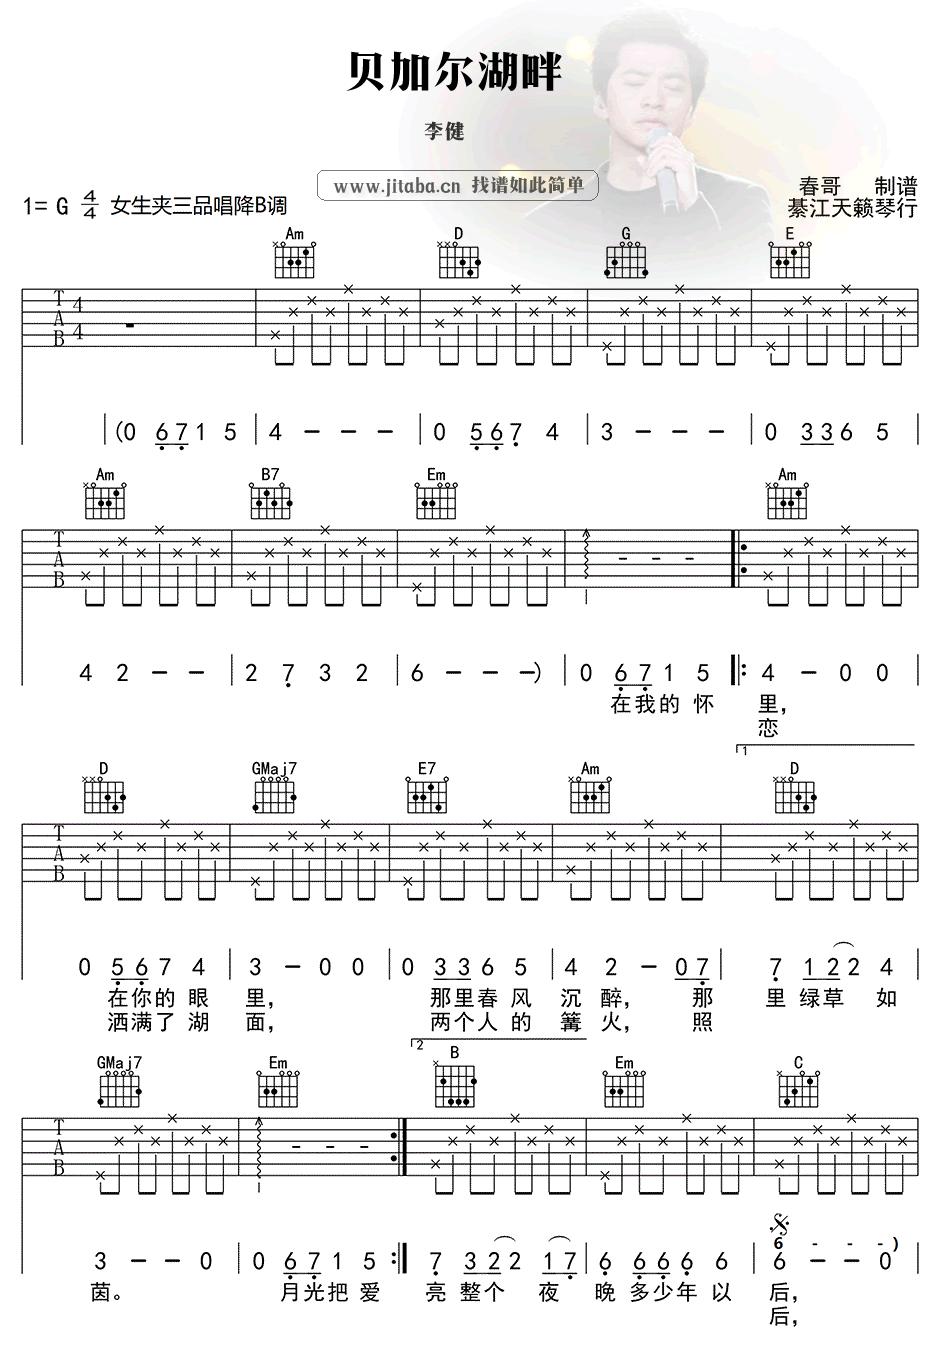 《貝加爾湖畔吉他譜簡單版_李健_彈唱六線譜》吉他譜圖片